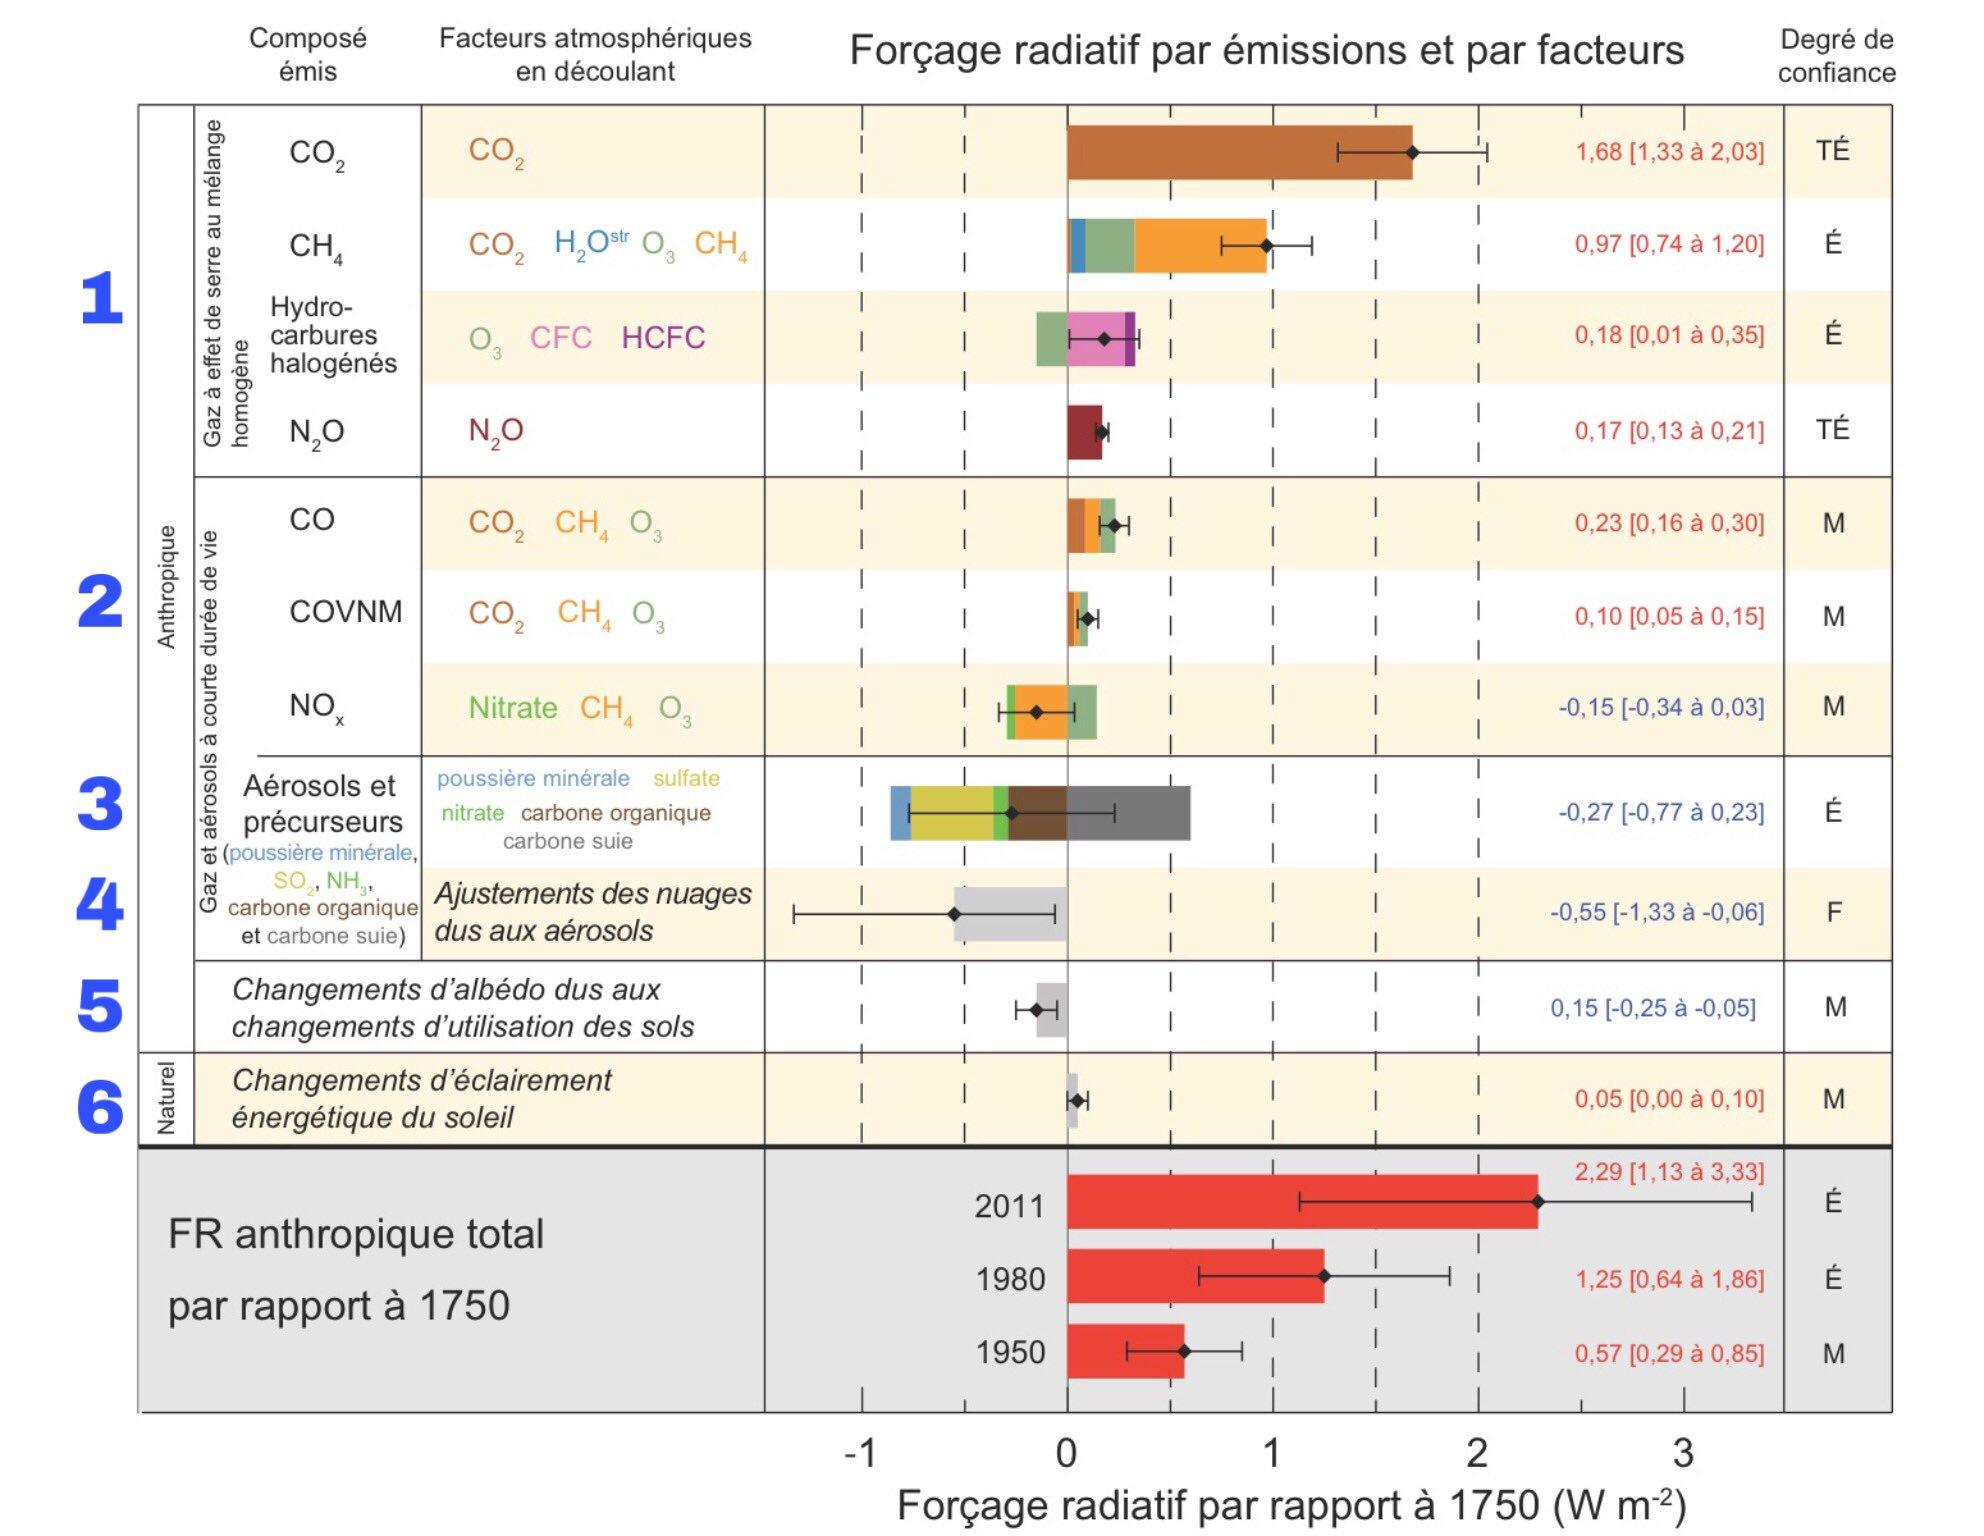 Forçage radiatif par composante 1750-2011